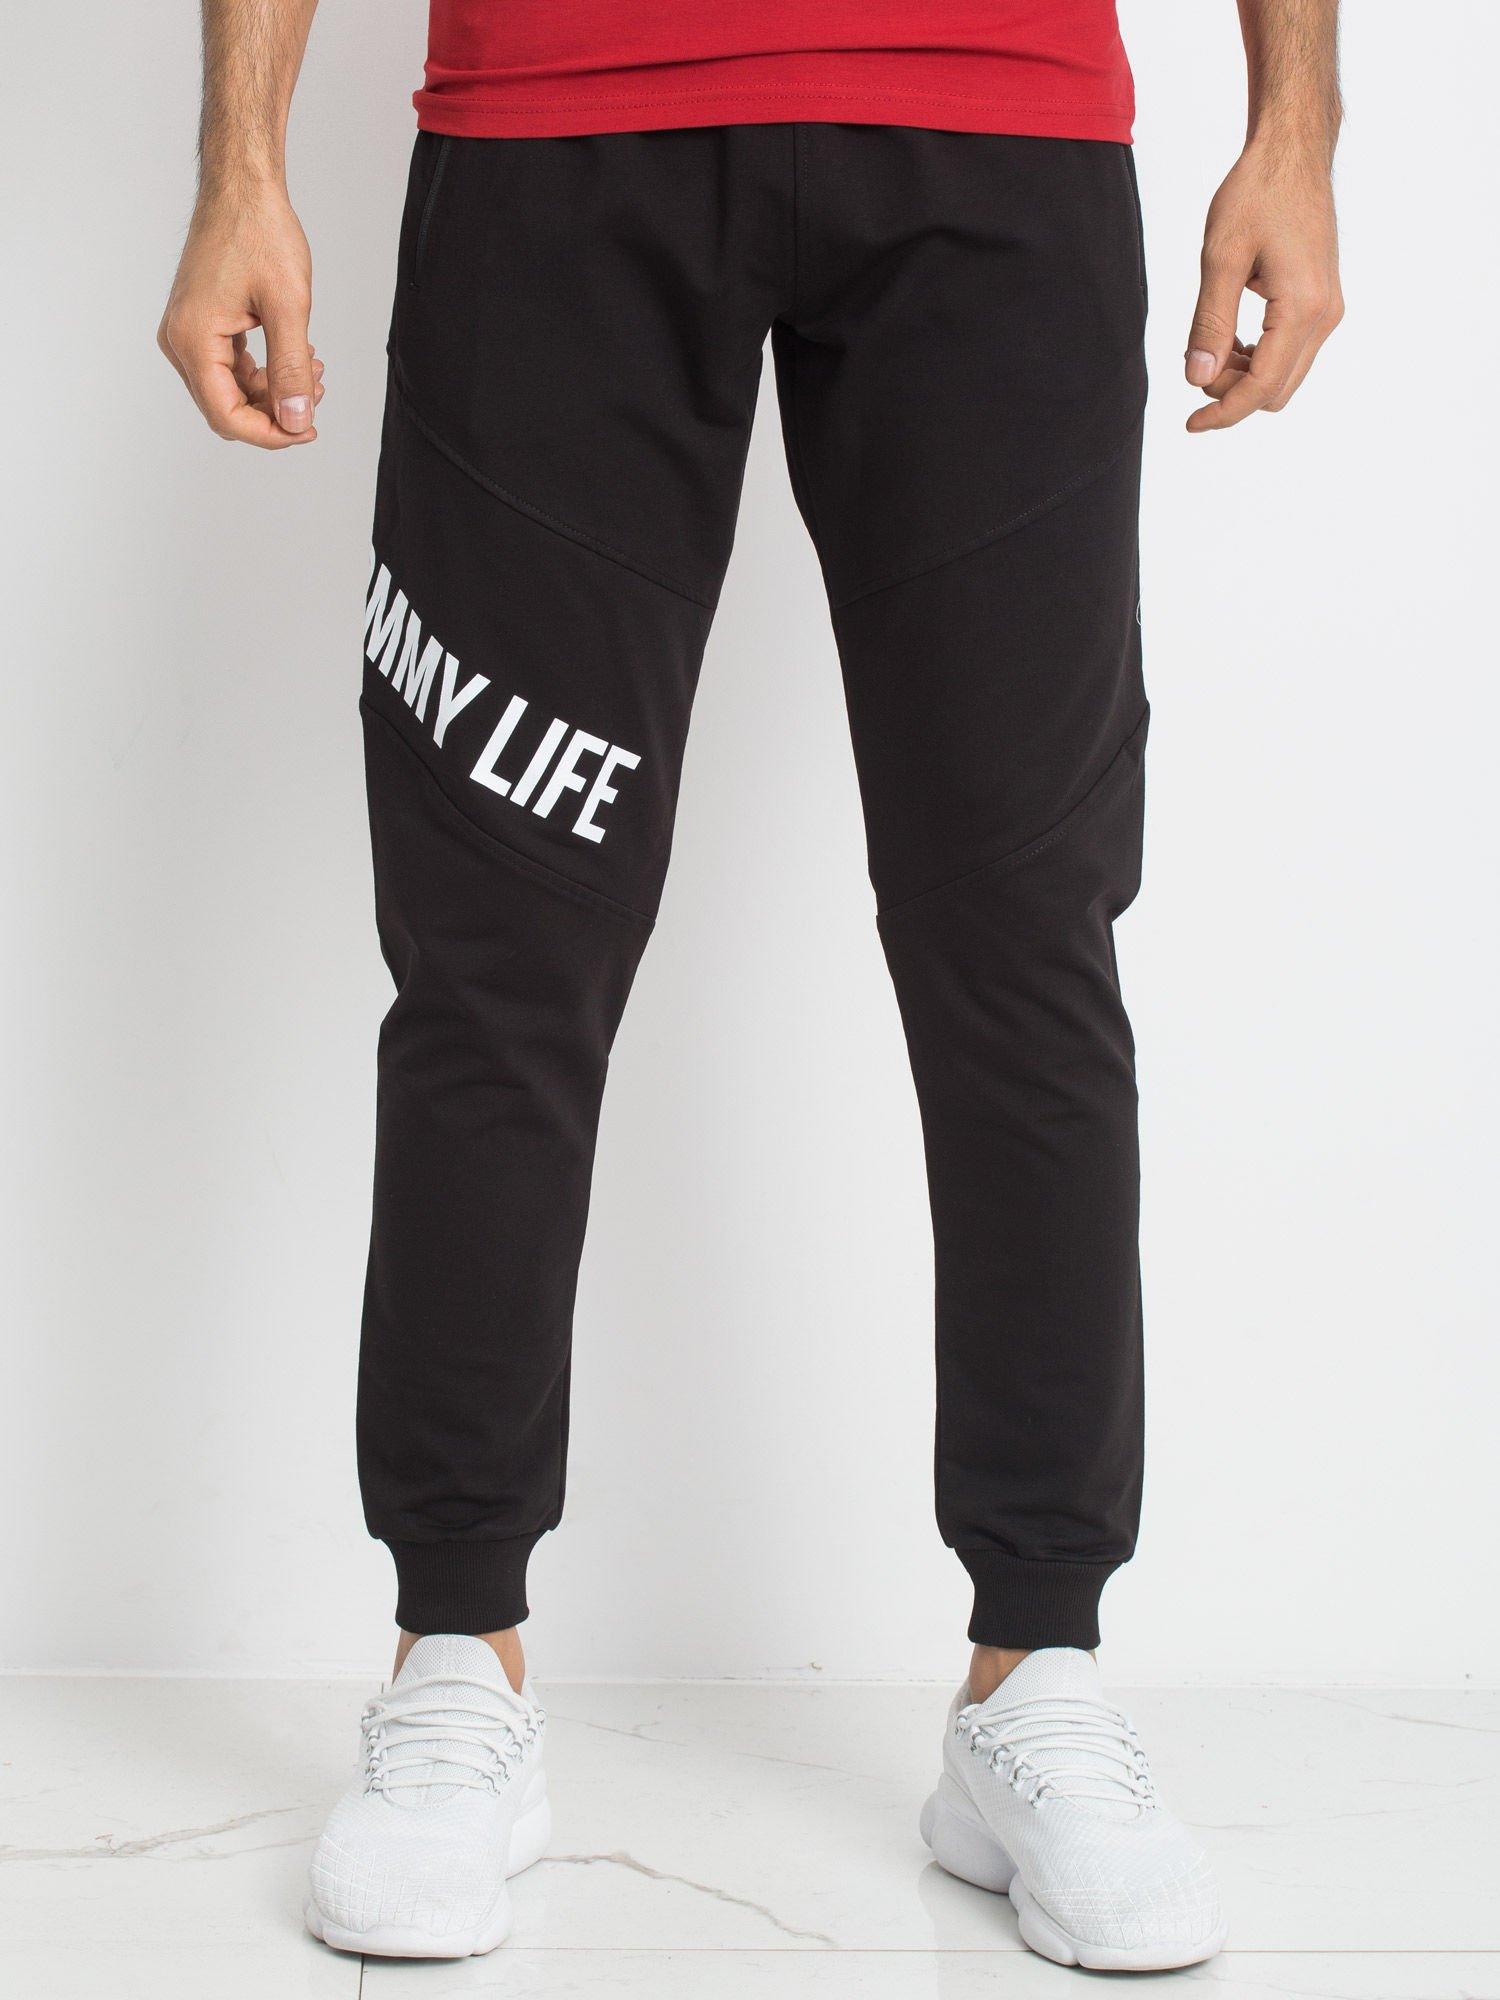 db4cd6076affa3 TOMMY LIFE Czarne męskie spodnie dresowe - Mężczyźni Spodnie dresowe ...